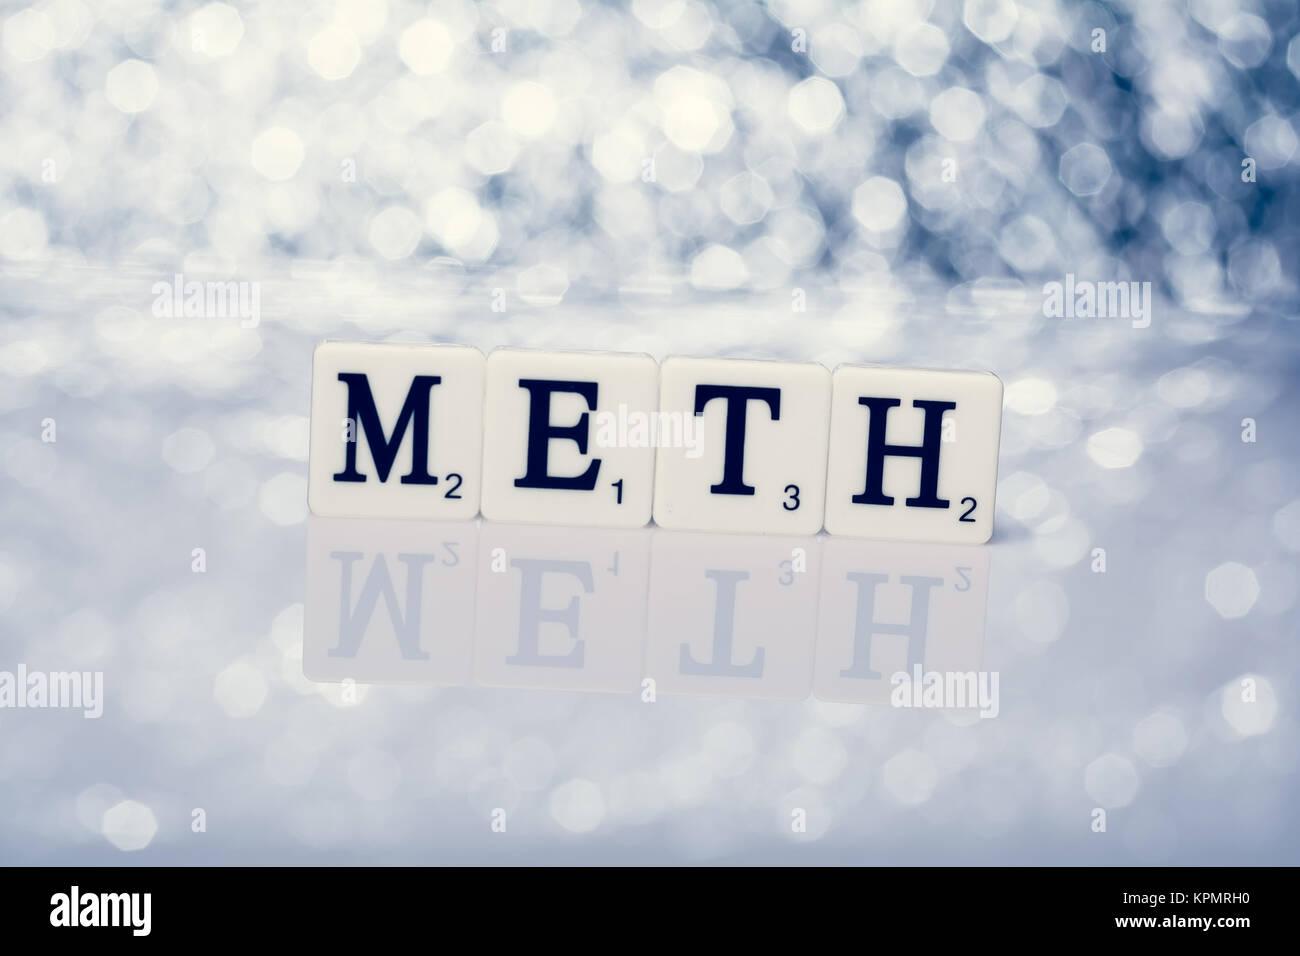 Parola scritta di piastrelle con lettere met foto immagine